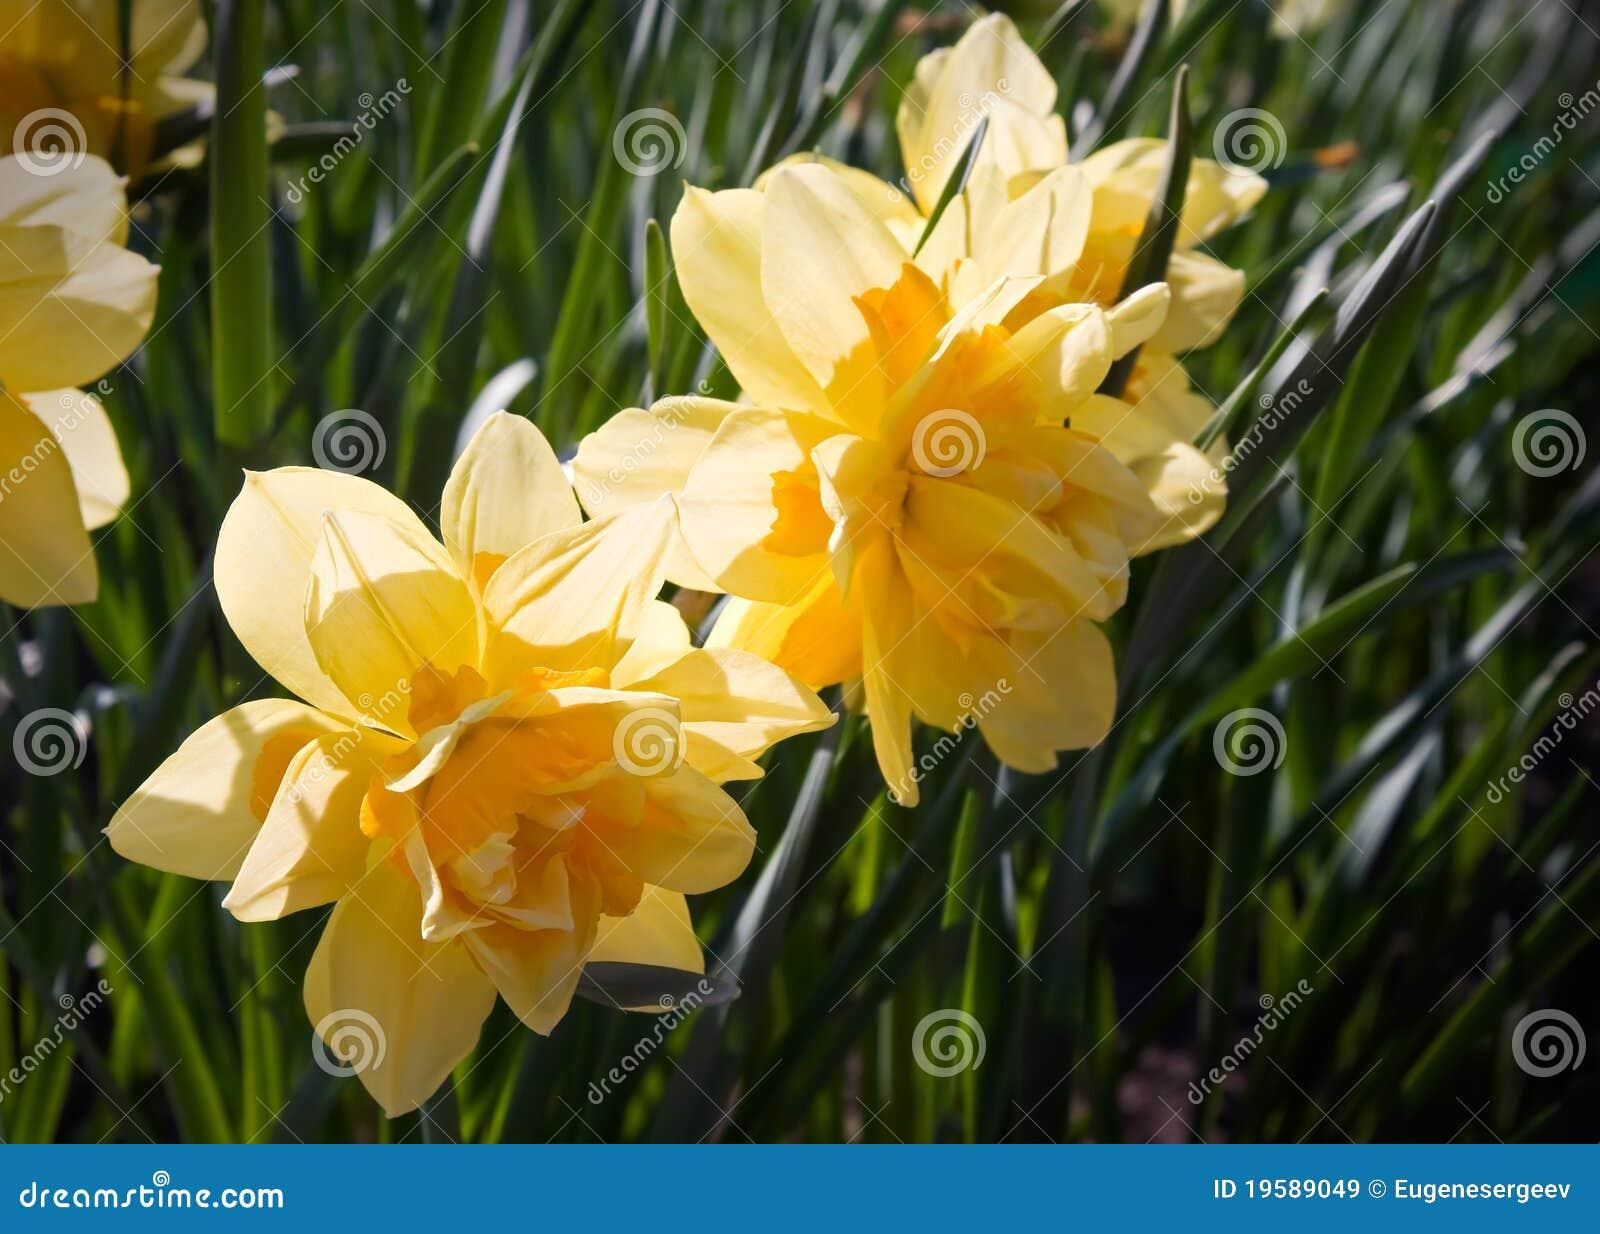 Il narciso giallo fiorisce la macro immagini stock libere for Narciso giallo